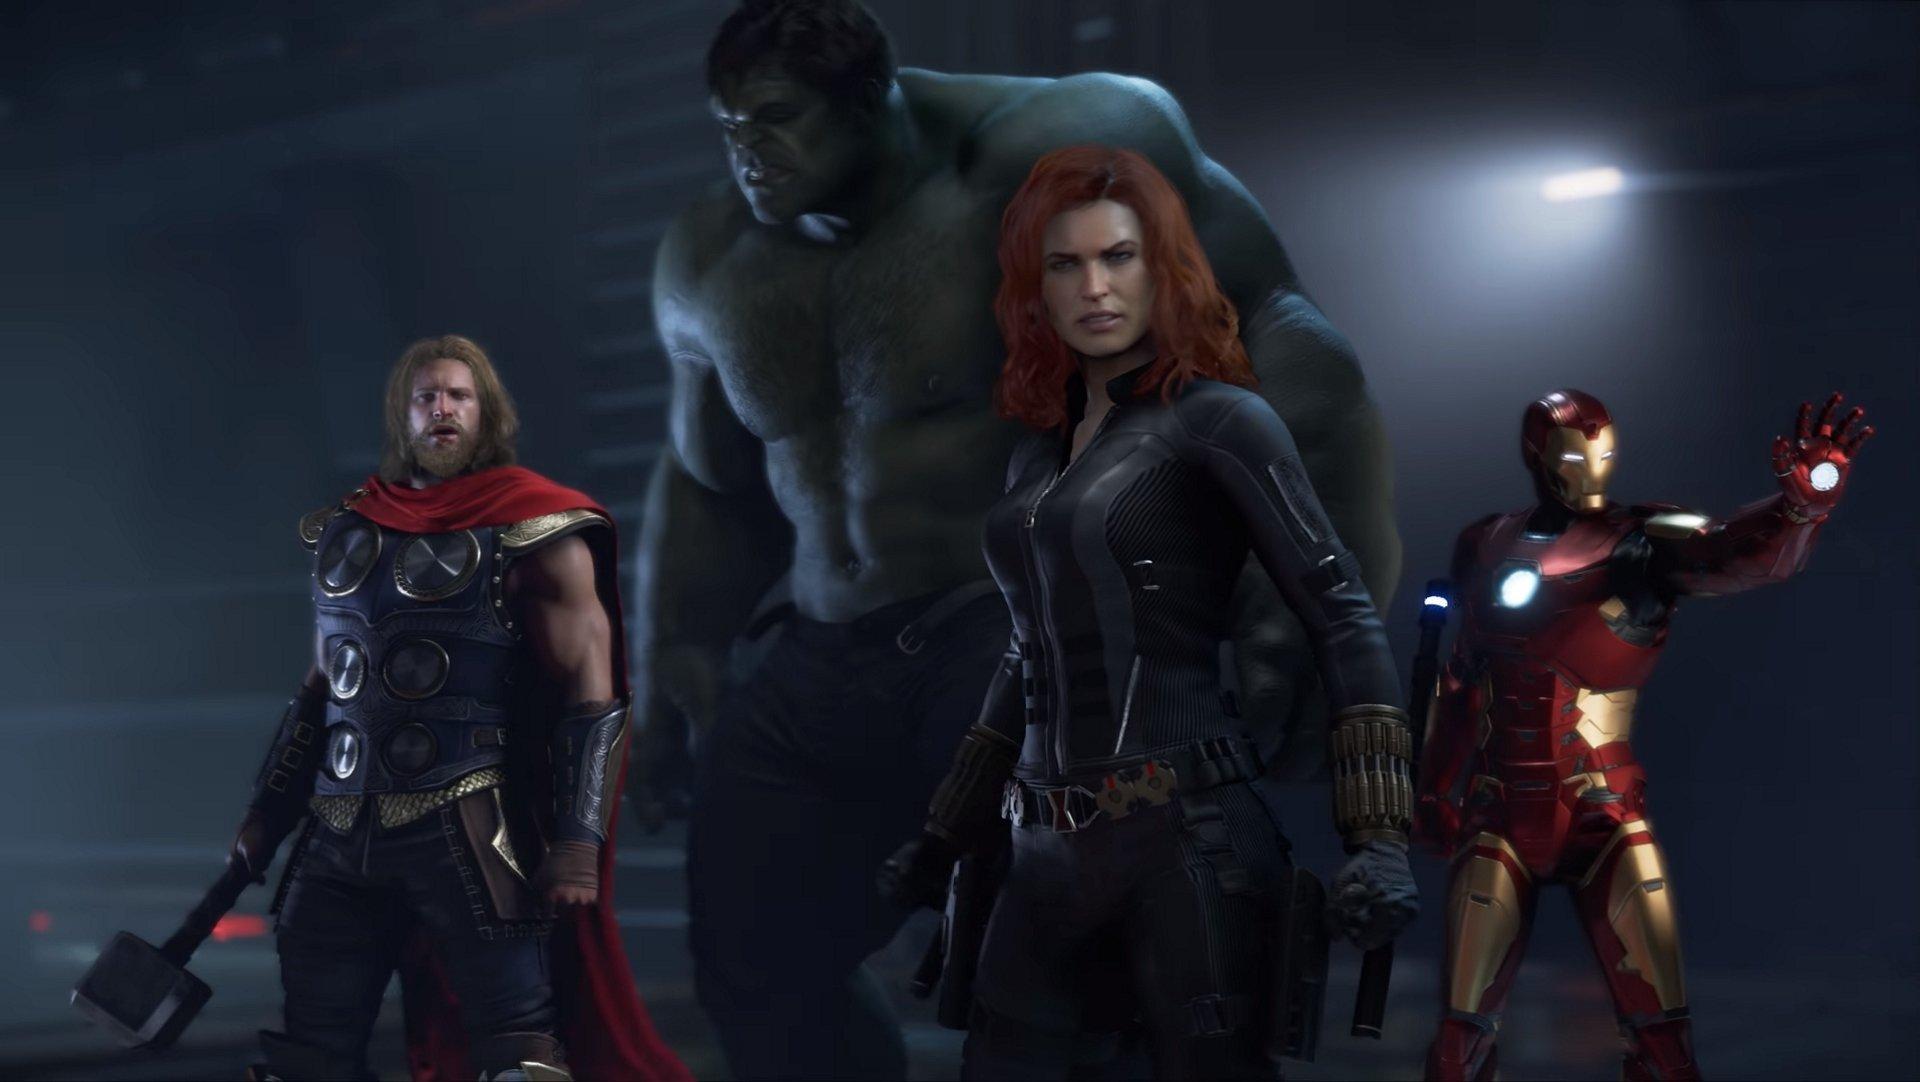 Les images des Avengers de Marvel montrent Thor en action